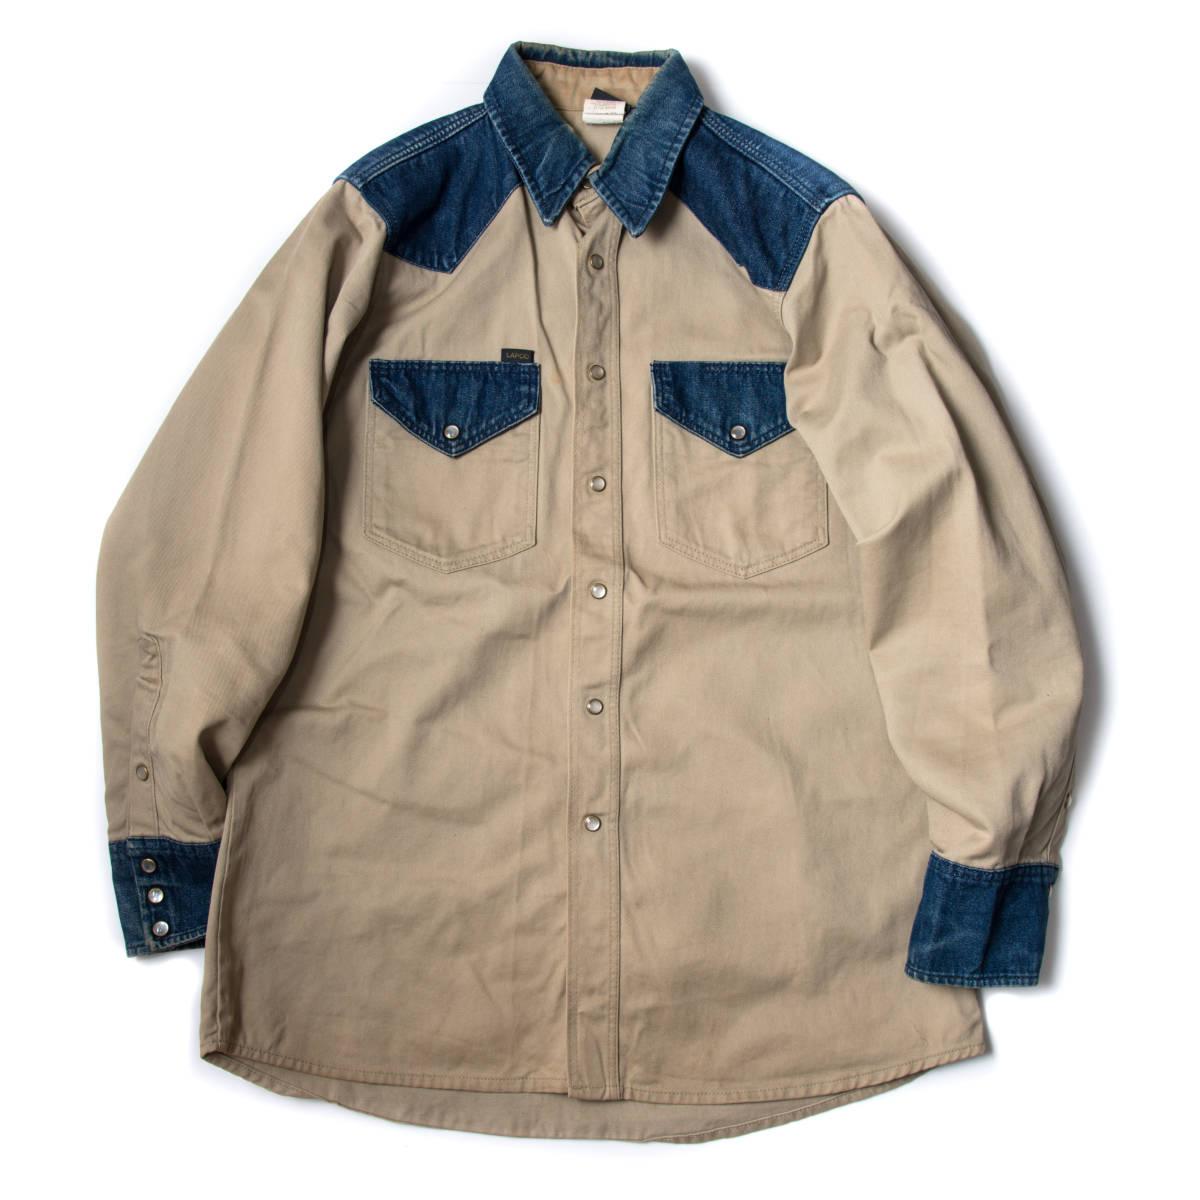 希少 70s ~ USA製 LAPCO デニム & チノ ウエスタン ワーク シャツ 黒タグ / ビンテージ 古着 コットン ジャケット コンビ 長袖 40s 50s 60s